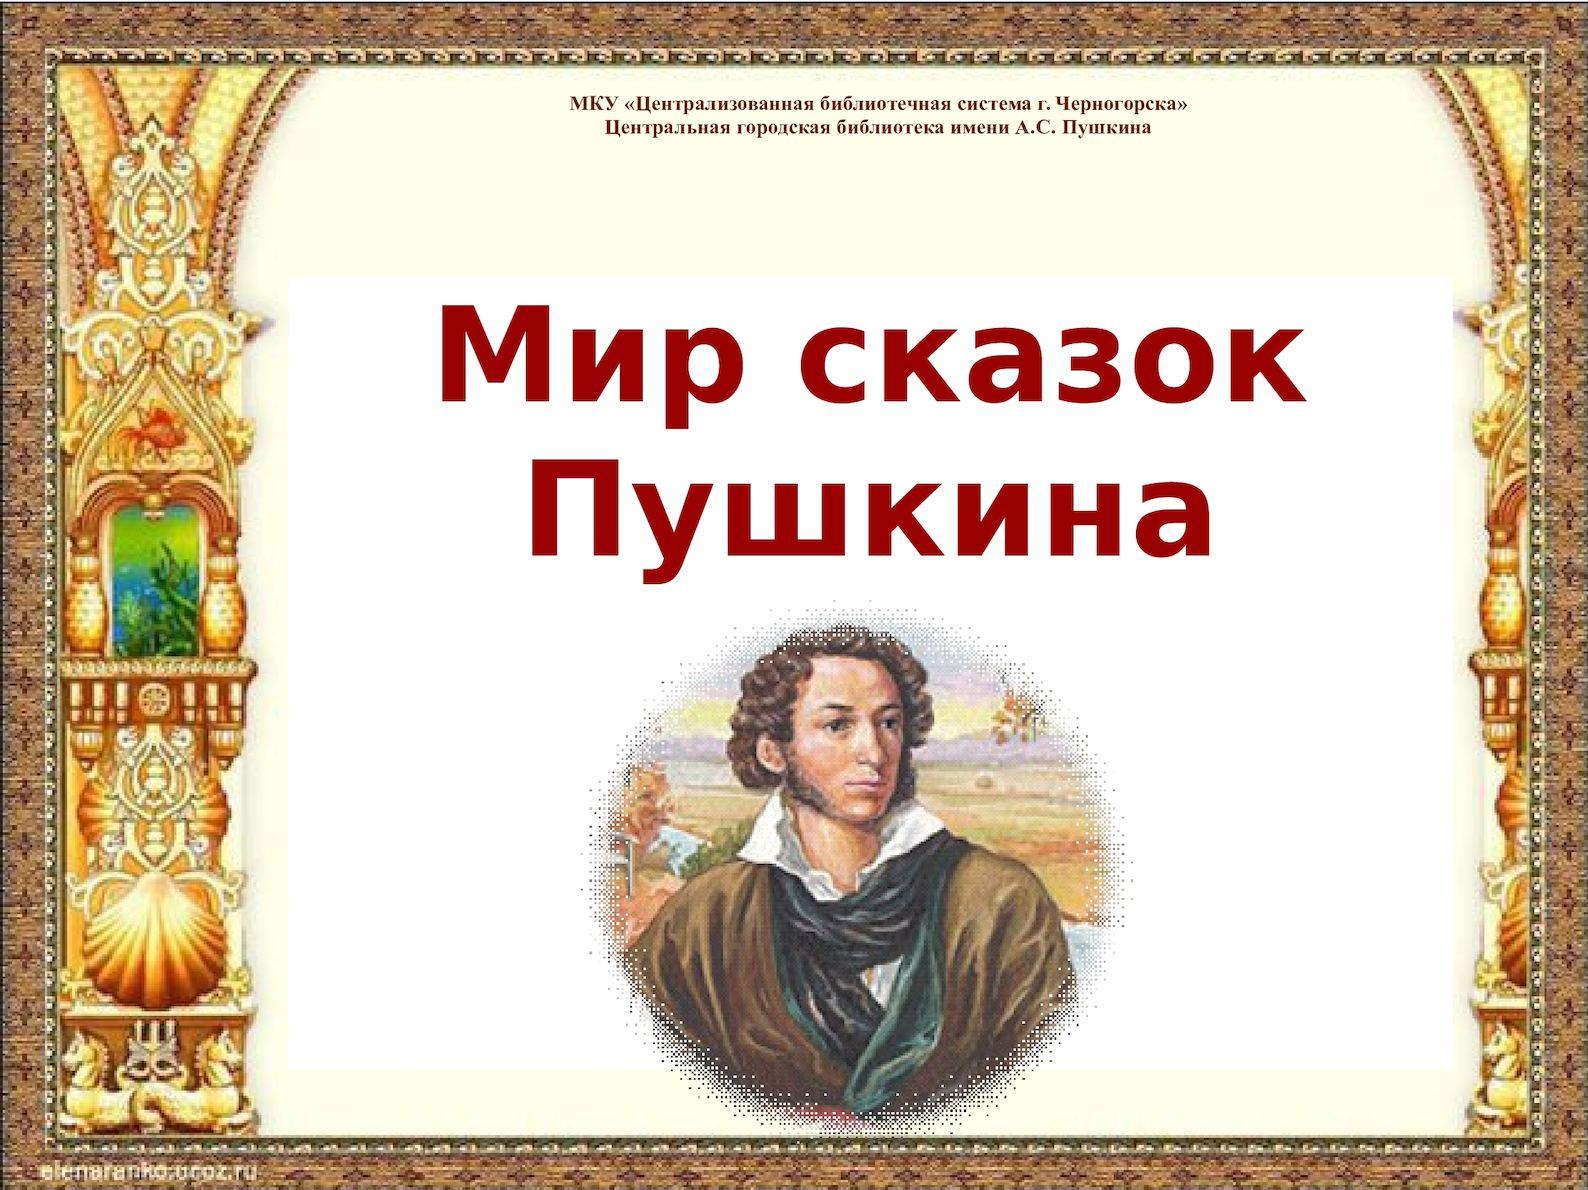 Сказки пушкина картинки для презентации